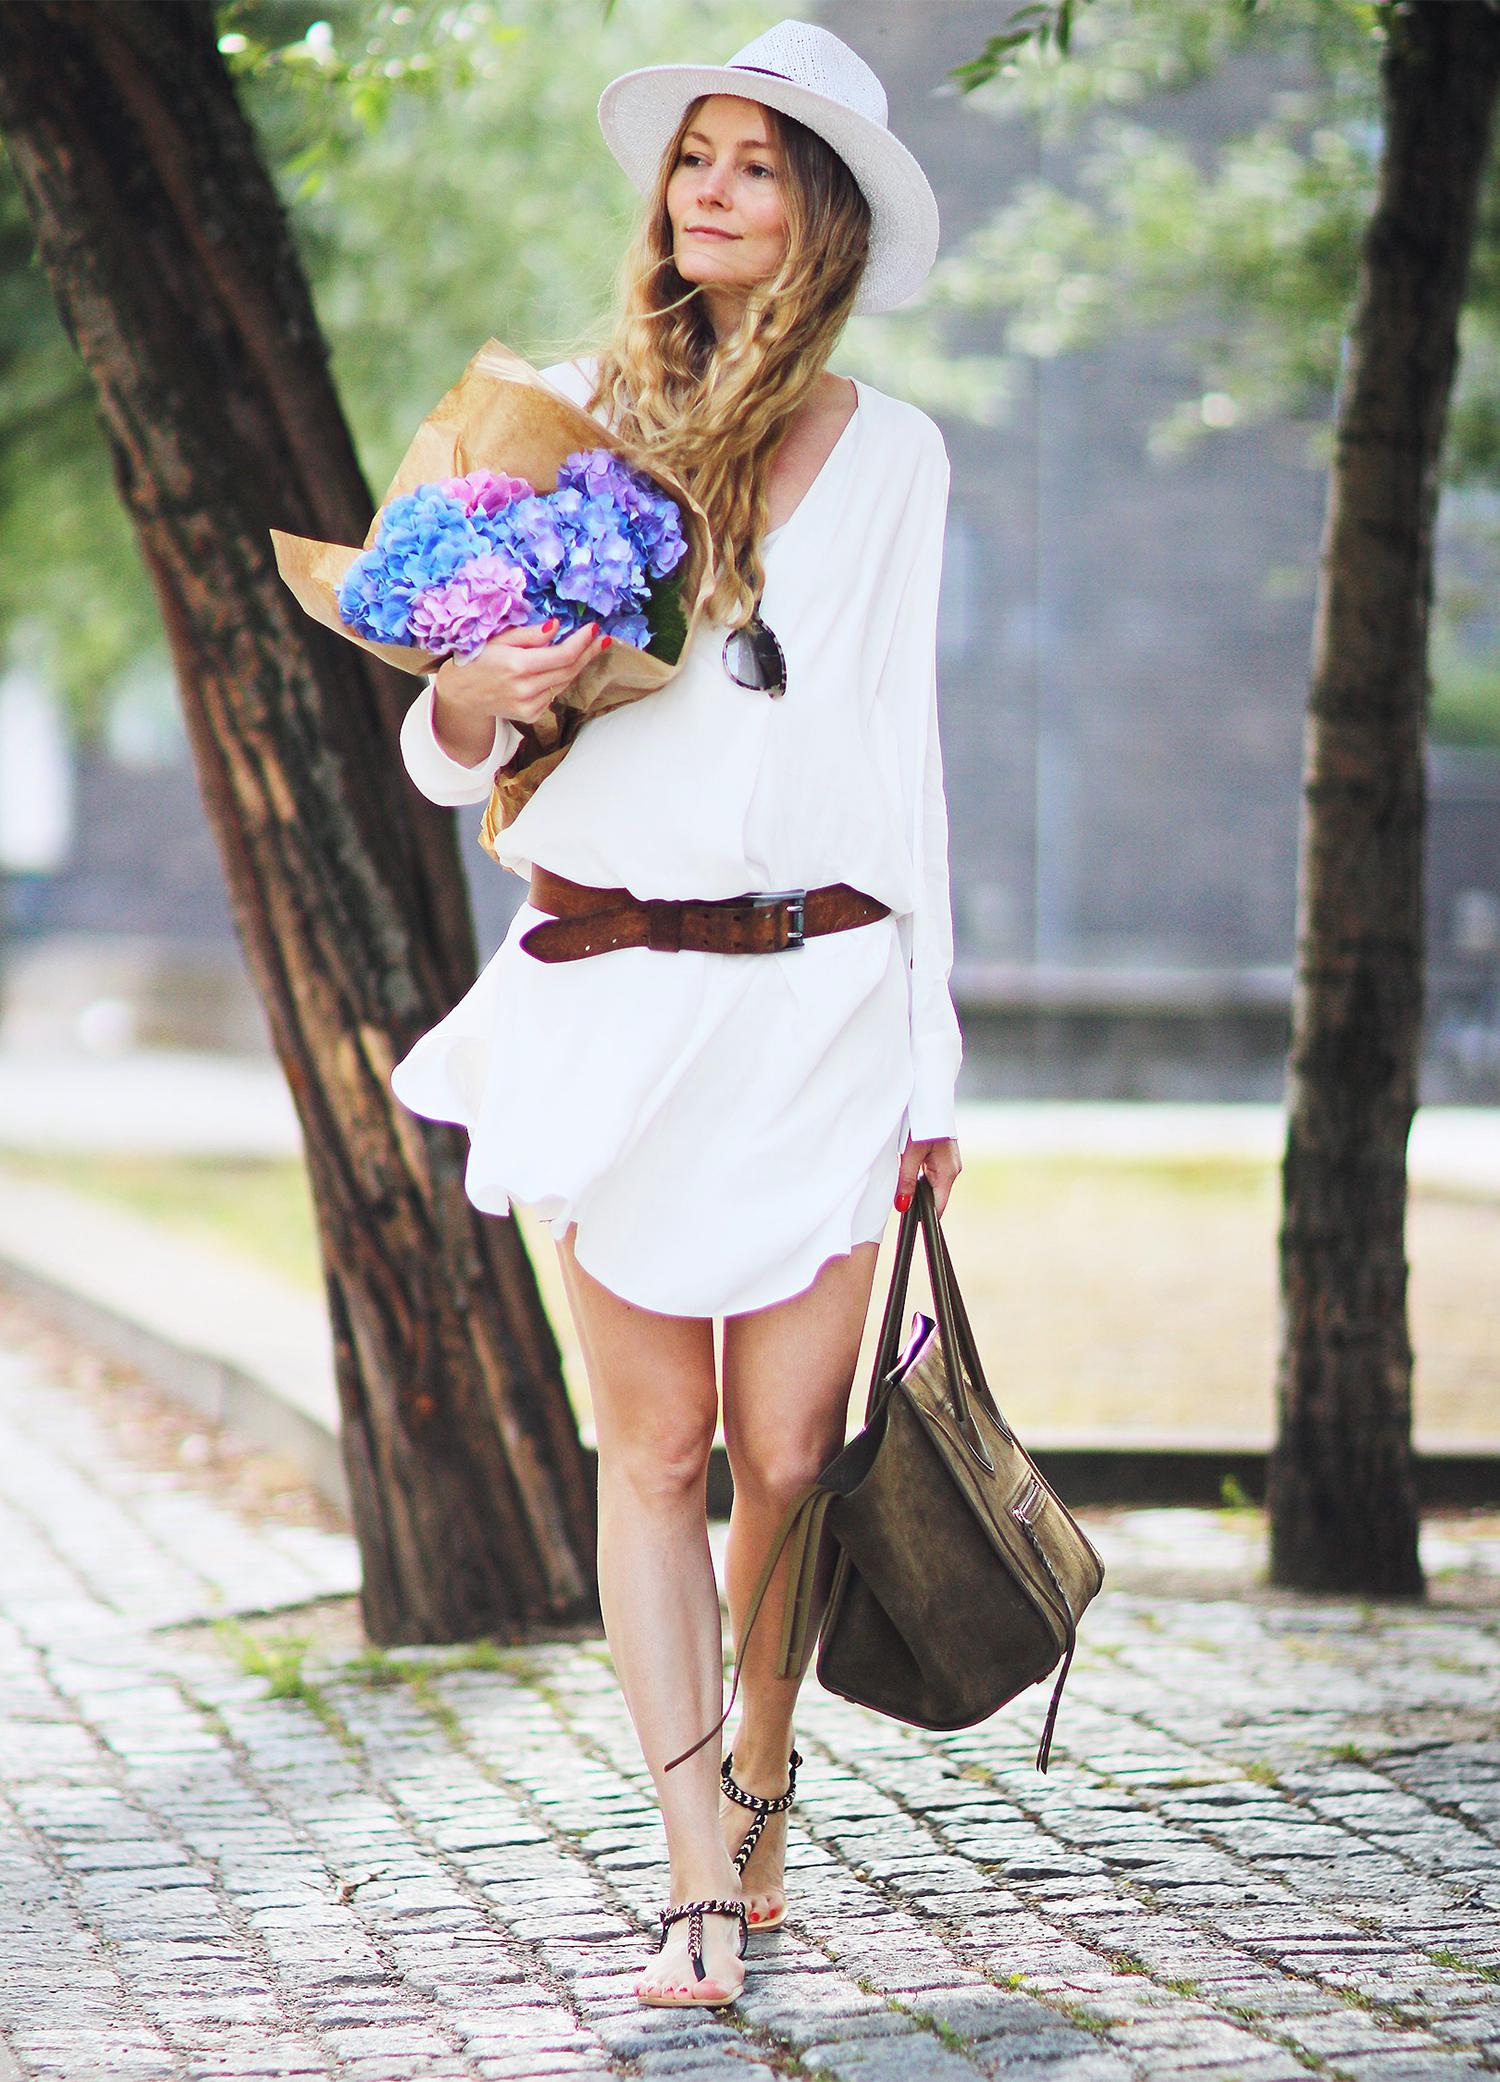 tunic-dress@2x